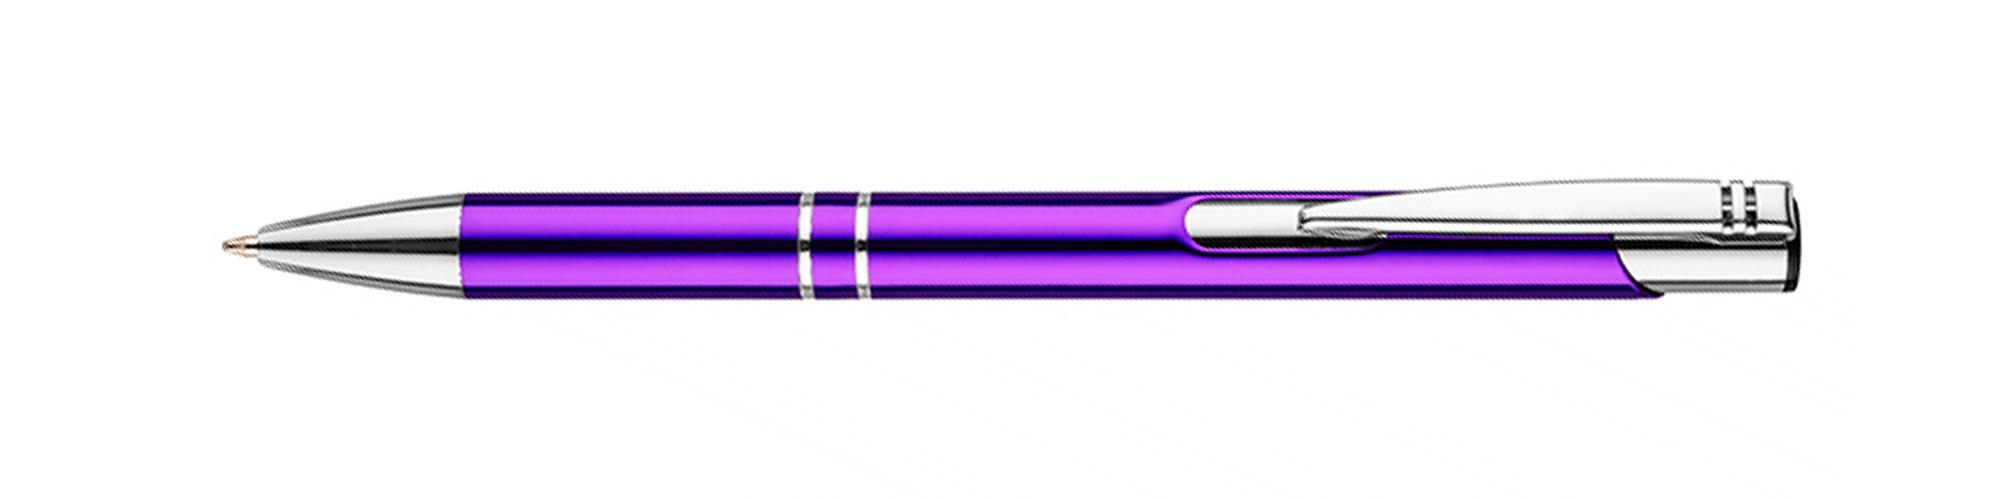 Metalowe długopisy reklamowe – 19600